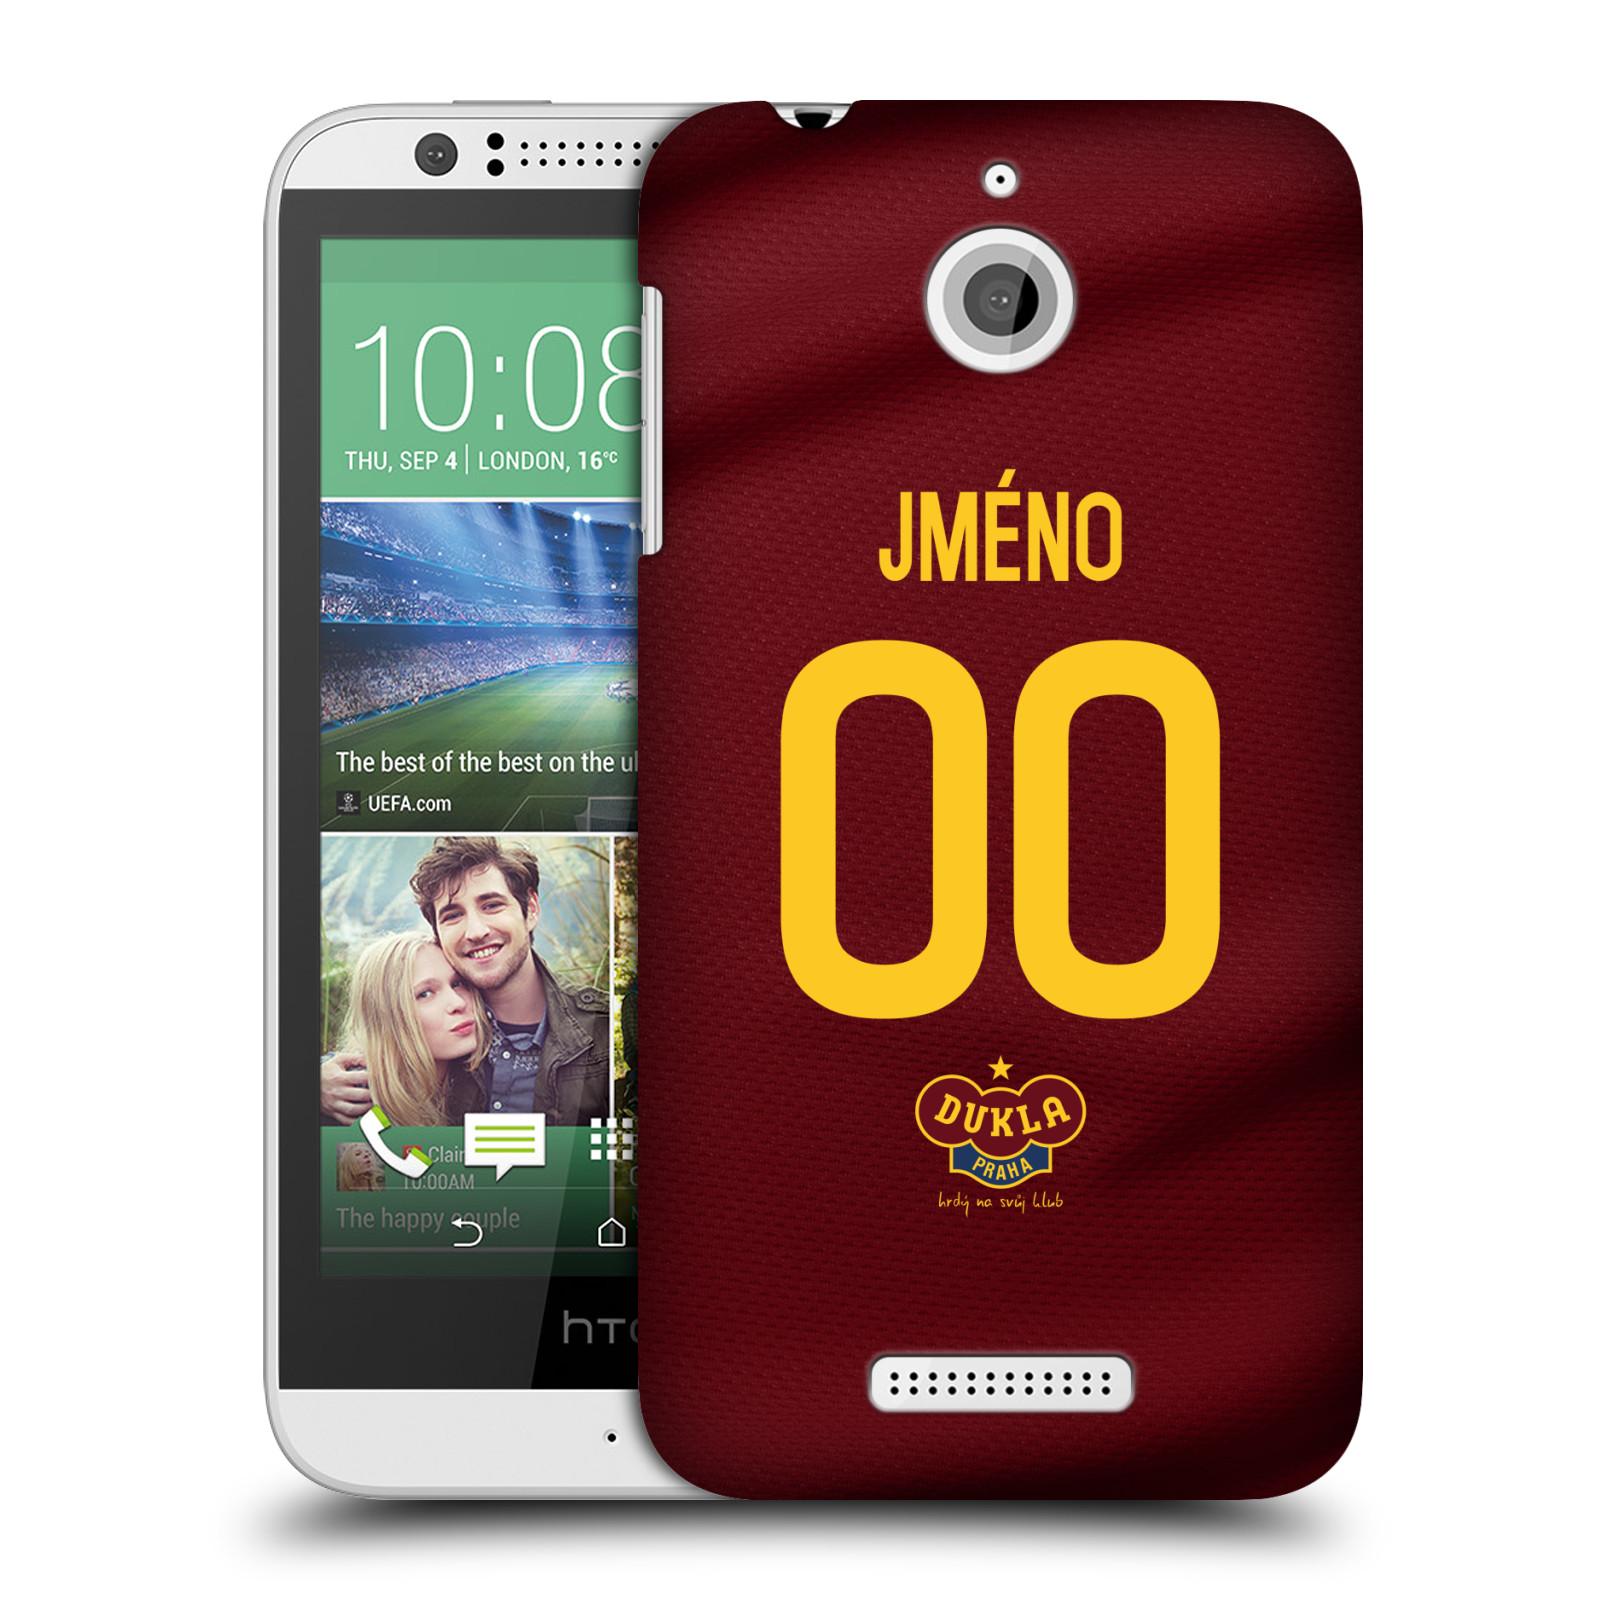 Plastové pouzdro na mobil HTC Desire 510 - FK Dukla Praha - dres s vlastním jménem a číslem